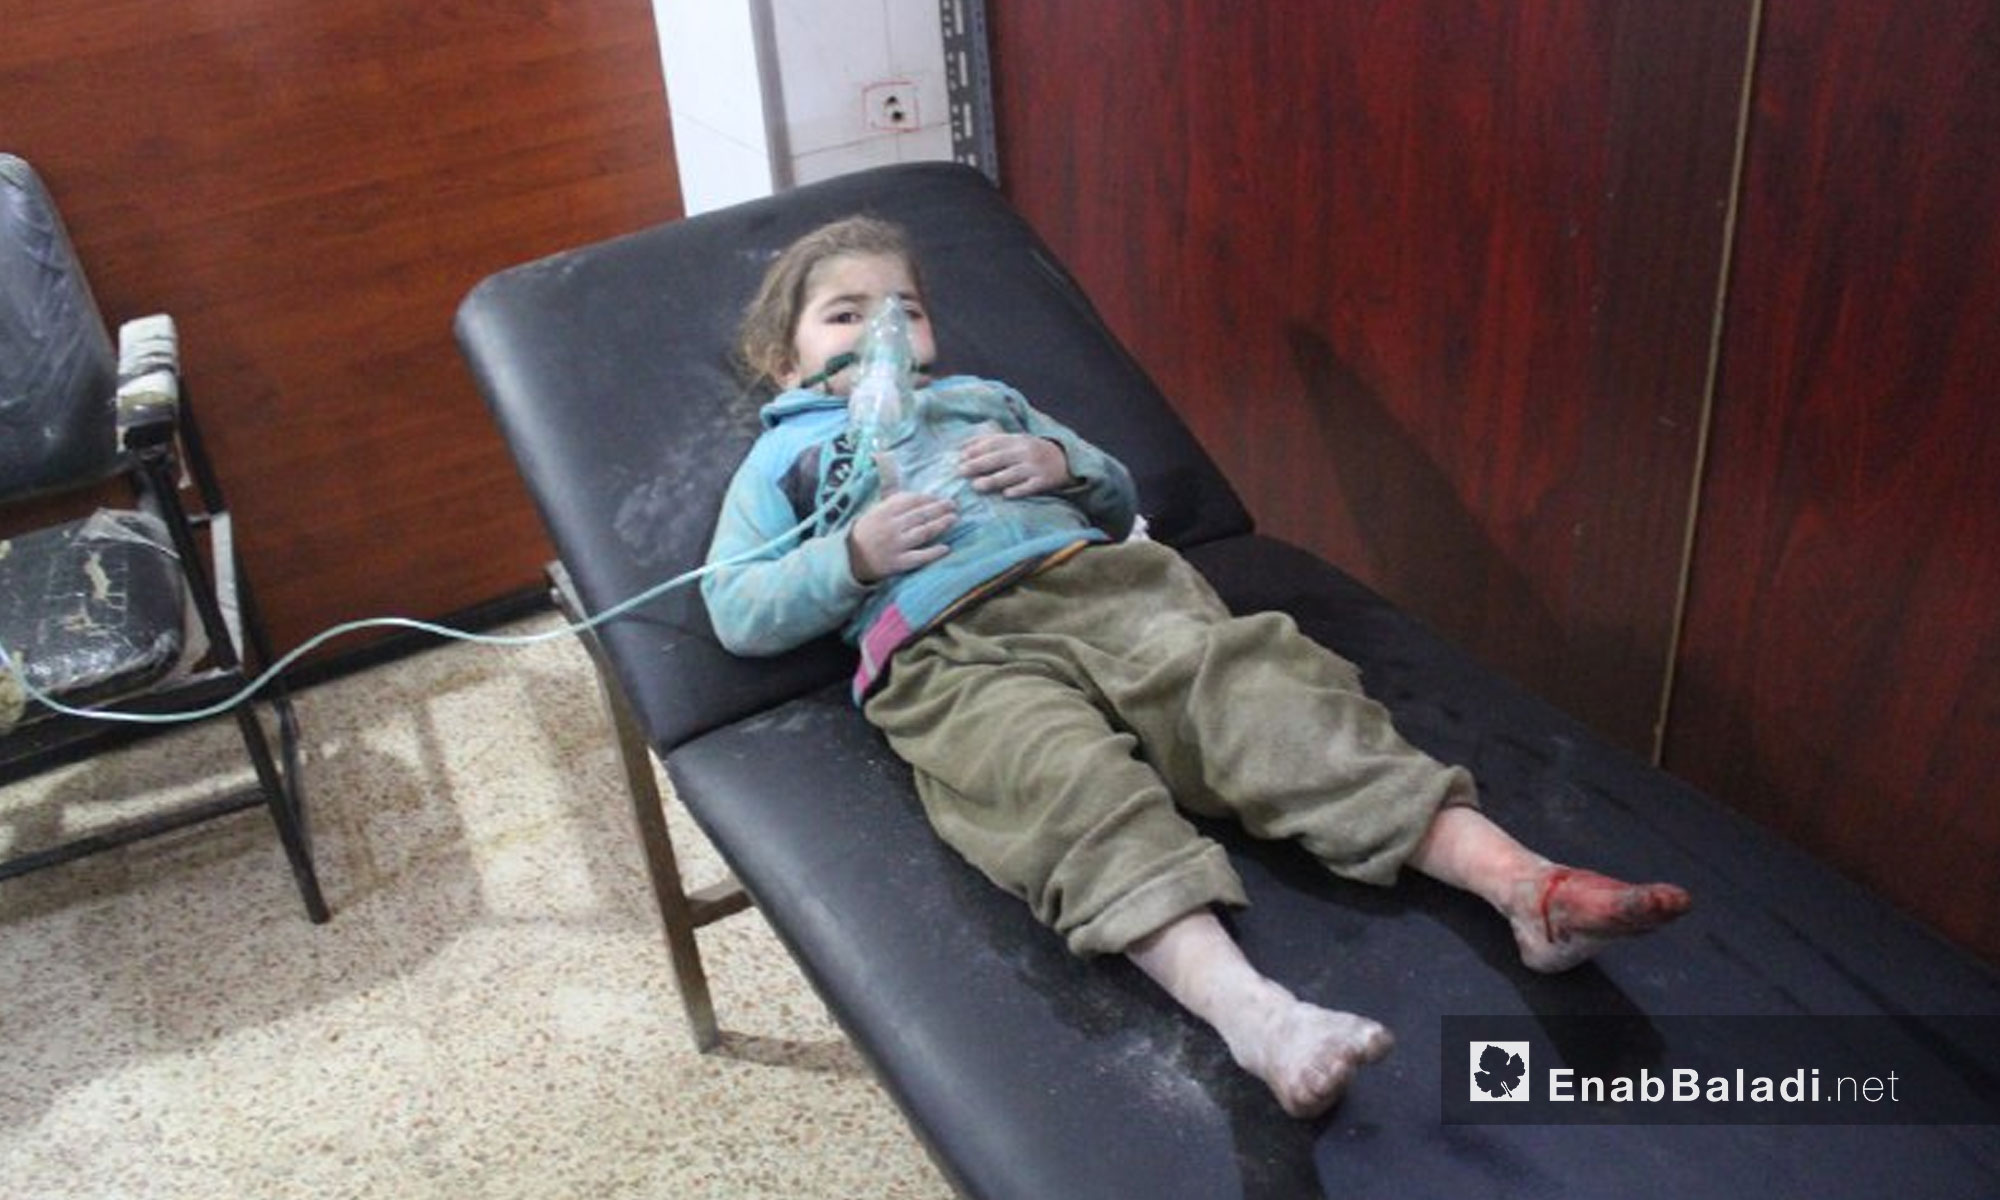 اسعاف طفلة مصابة نتيجة القصف على بلدة حمورية في الغوطة الشرقية - 7 شباط 2018 (عنب بلدي)